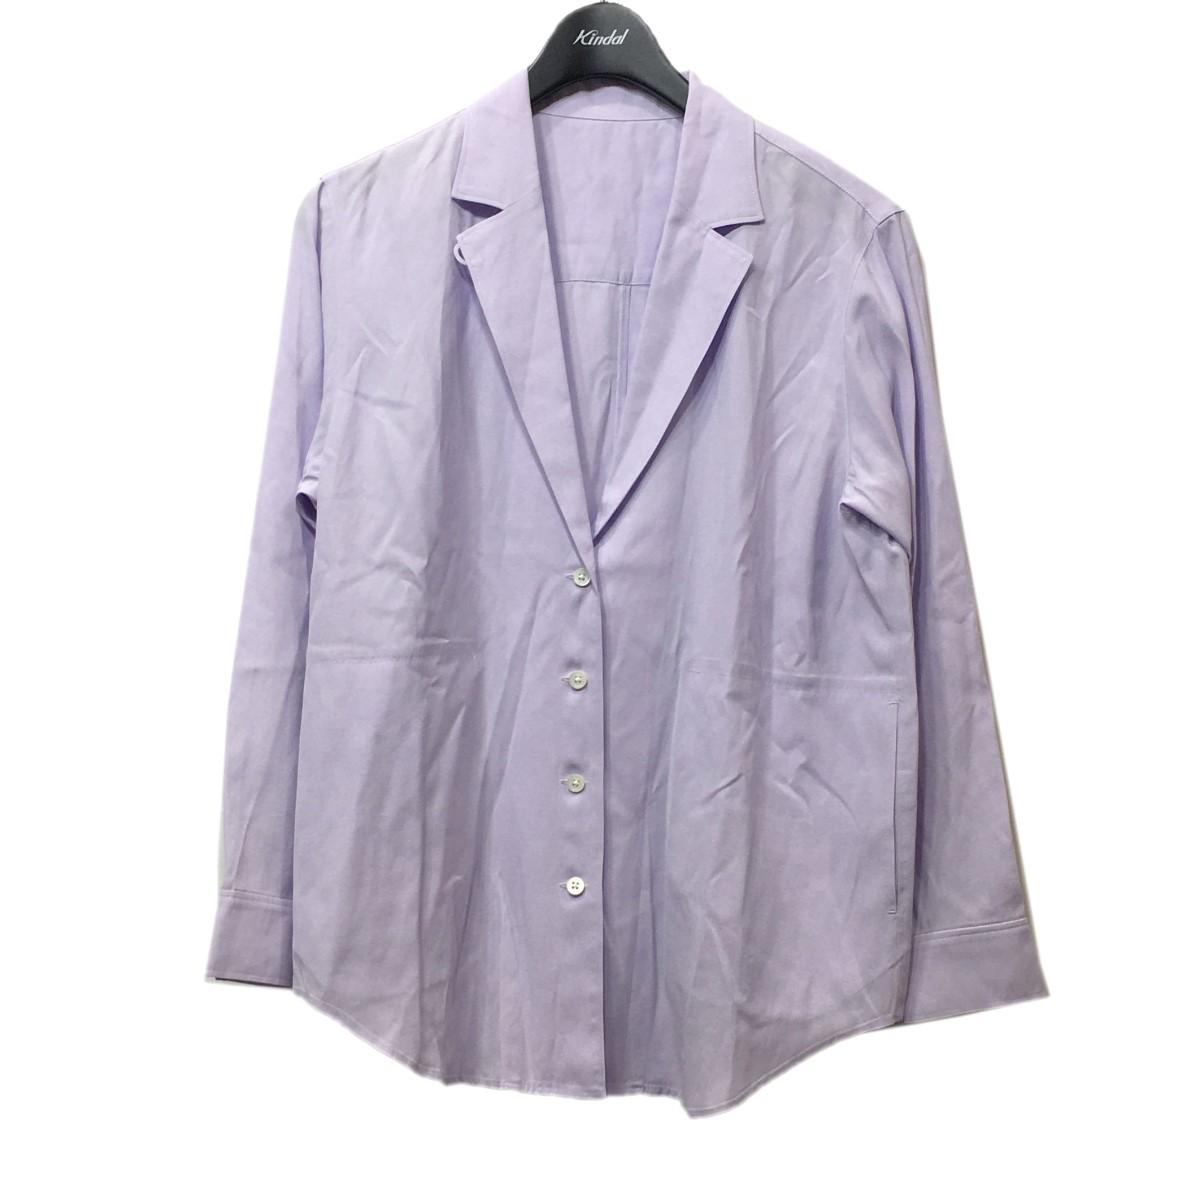 スティーヴンアラン 中古 steven alanシャツジャケット 格安 パープル サイズ:S 7月19日見直し 当店限定販売